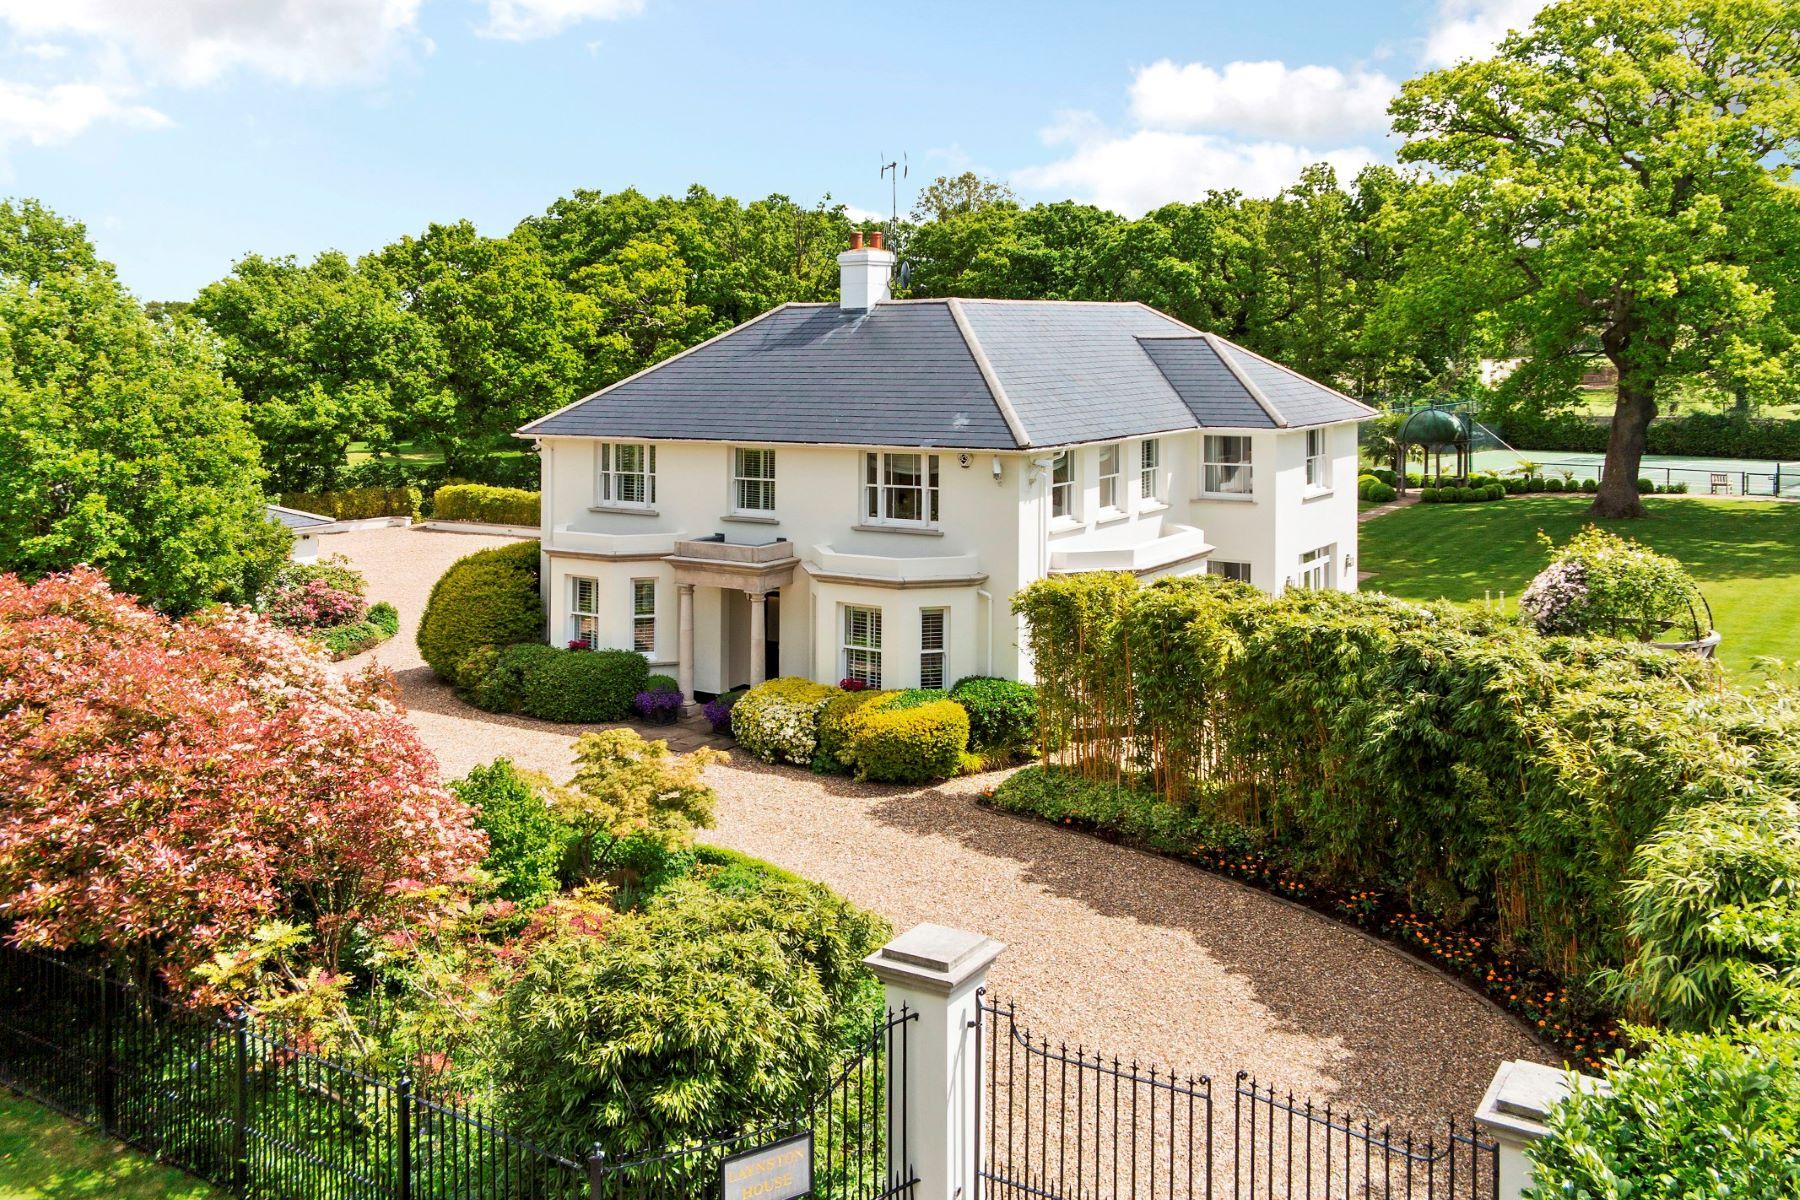 Частный односемейный дом для того Продажа на Pachesham Park, Oxshott, KT22 Oxshott, Англия, Великобритания